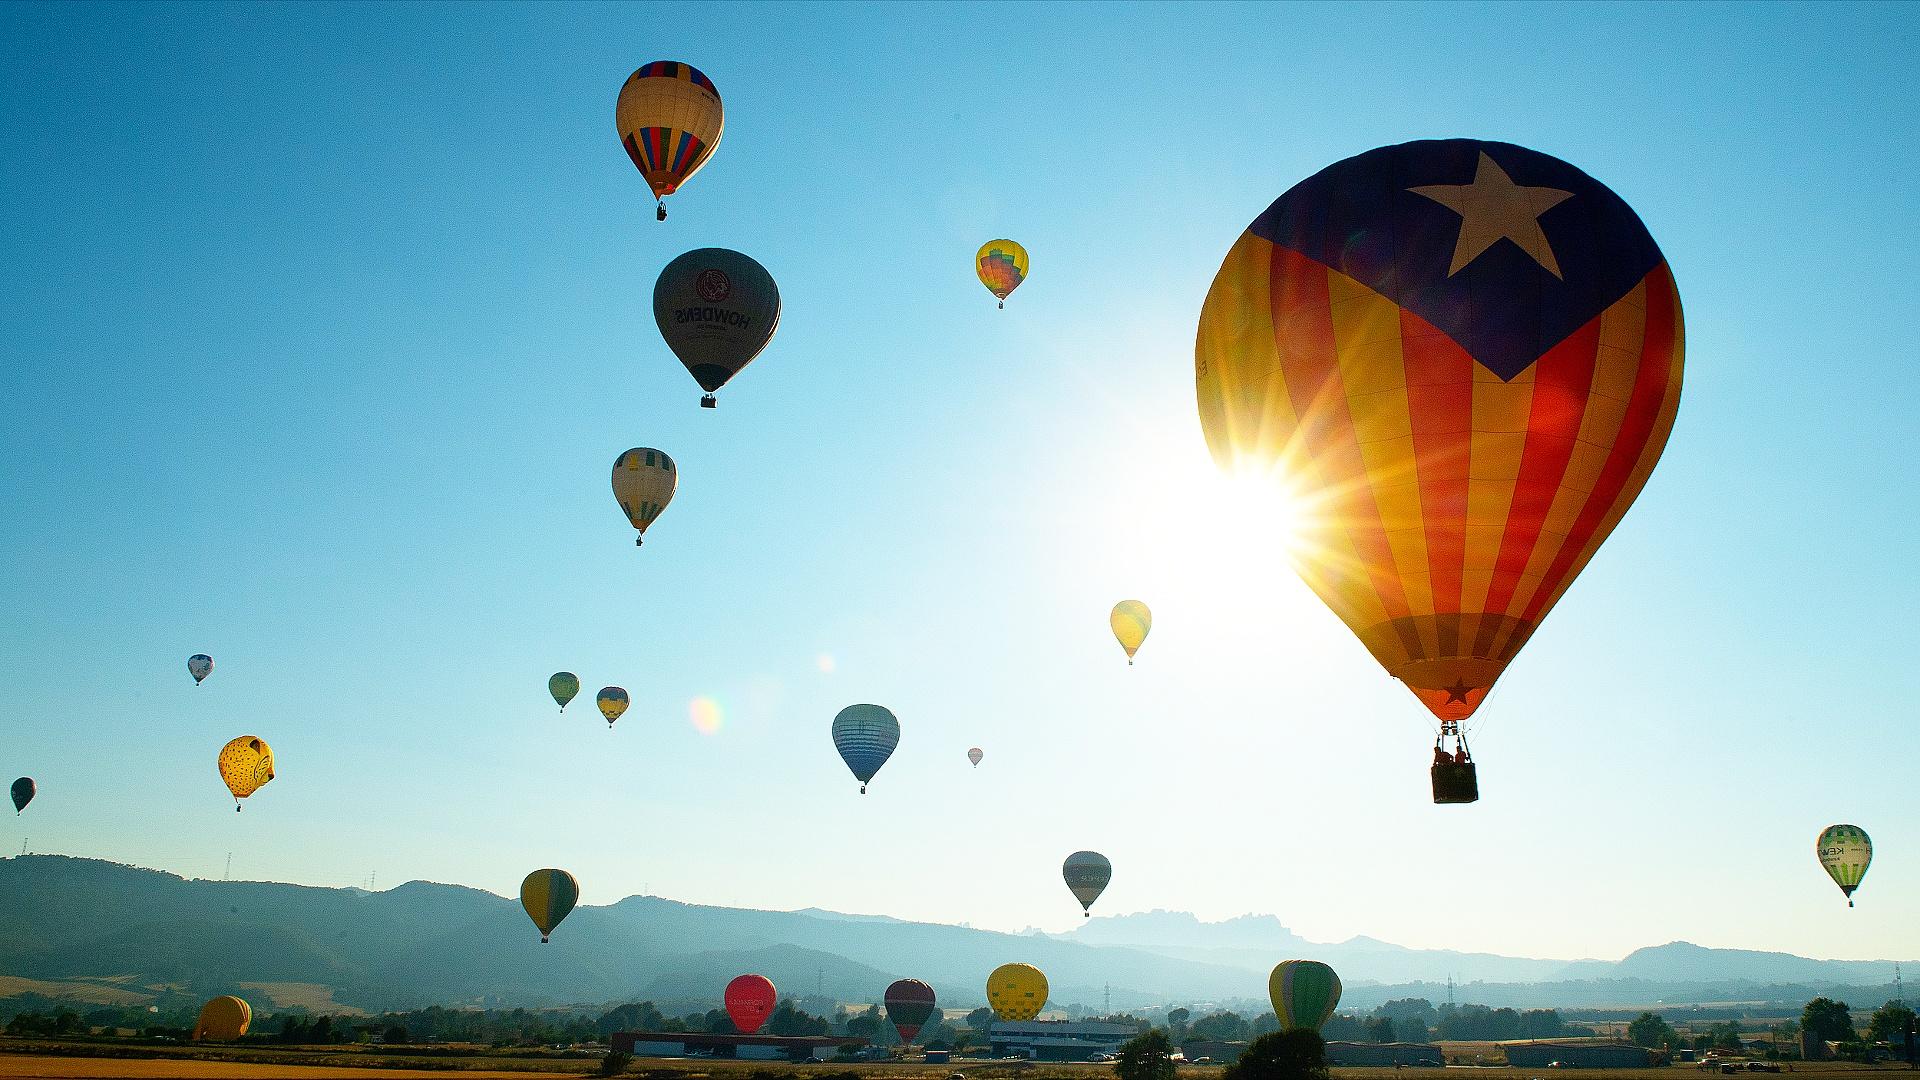 Фестиваль воздушных шаров прошёл в Нью-Джерси